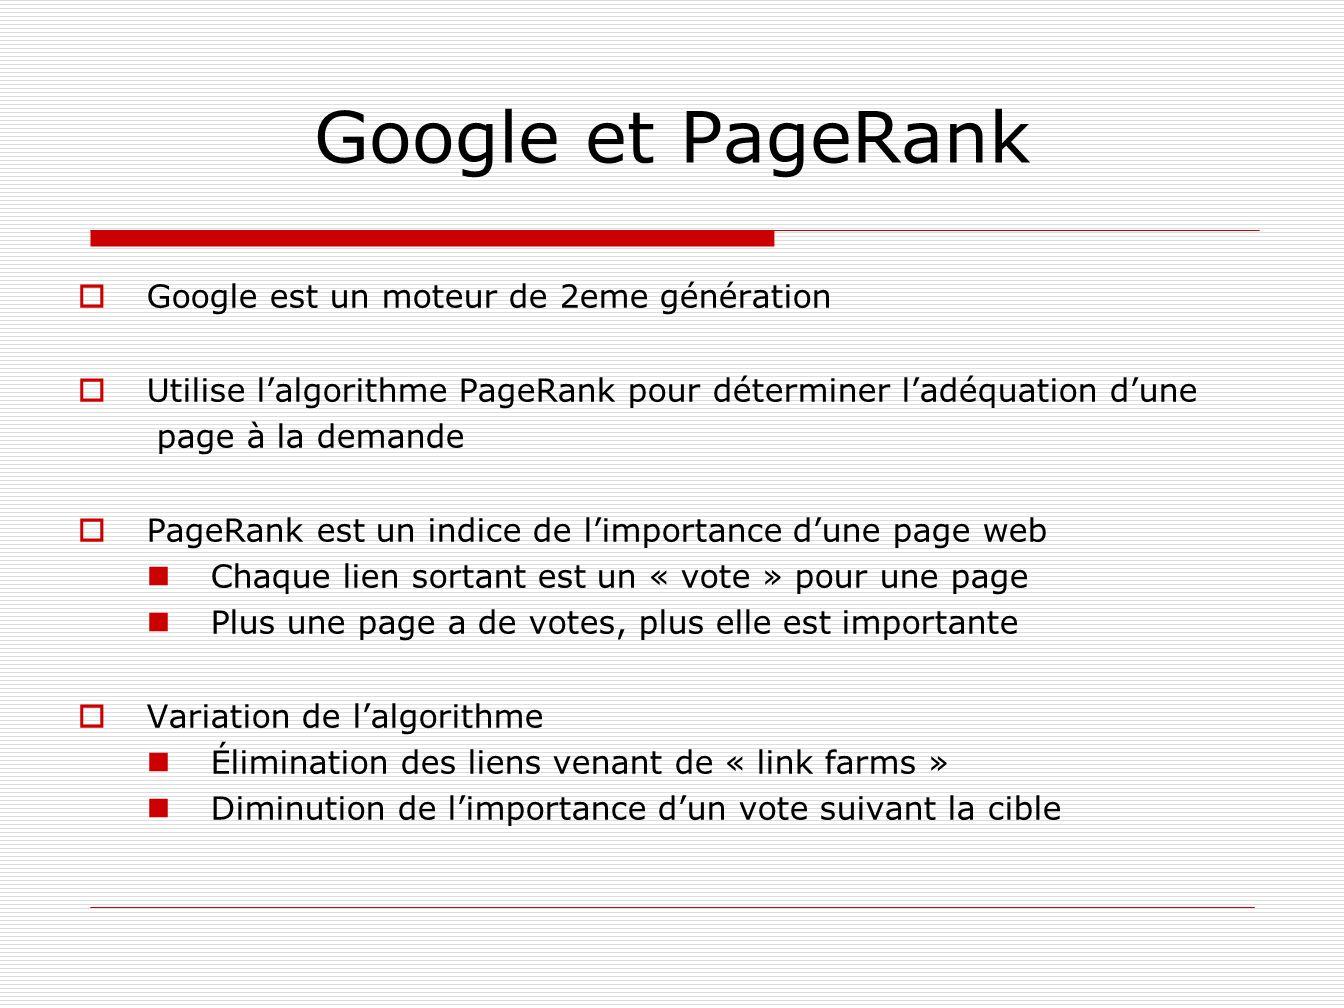 Google et PageRank Google est un moteur de 2eme génération